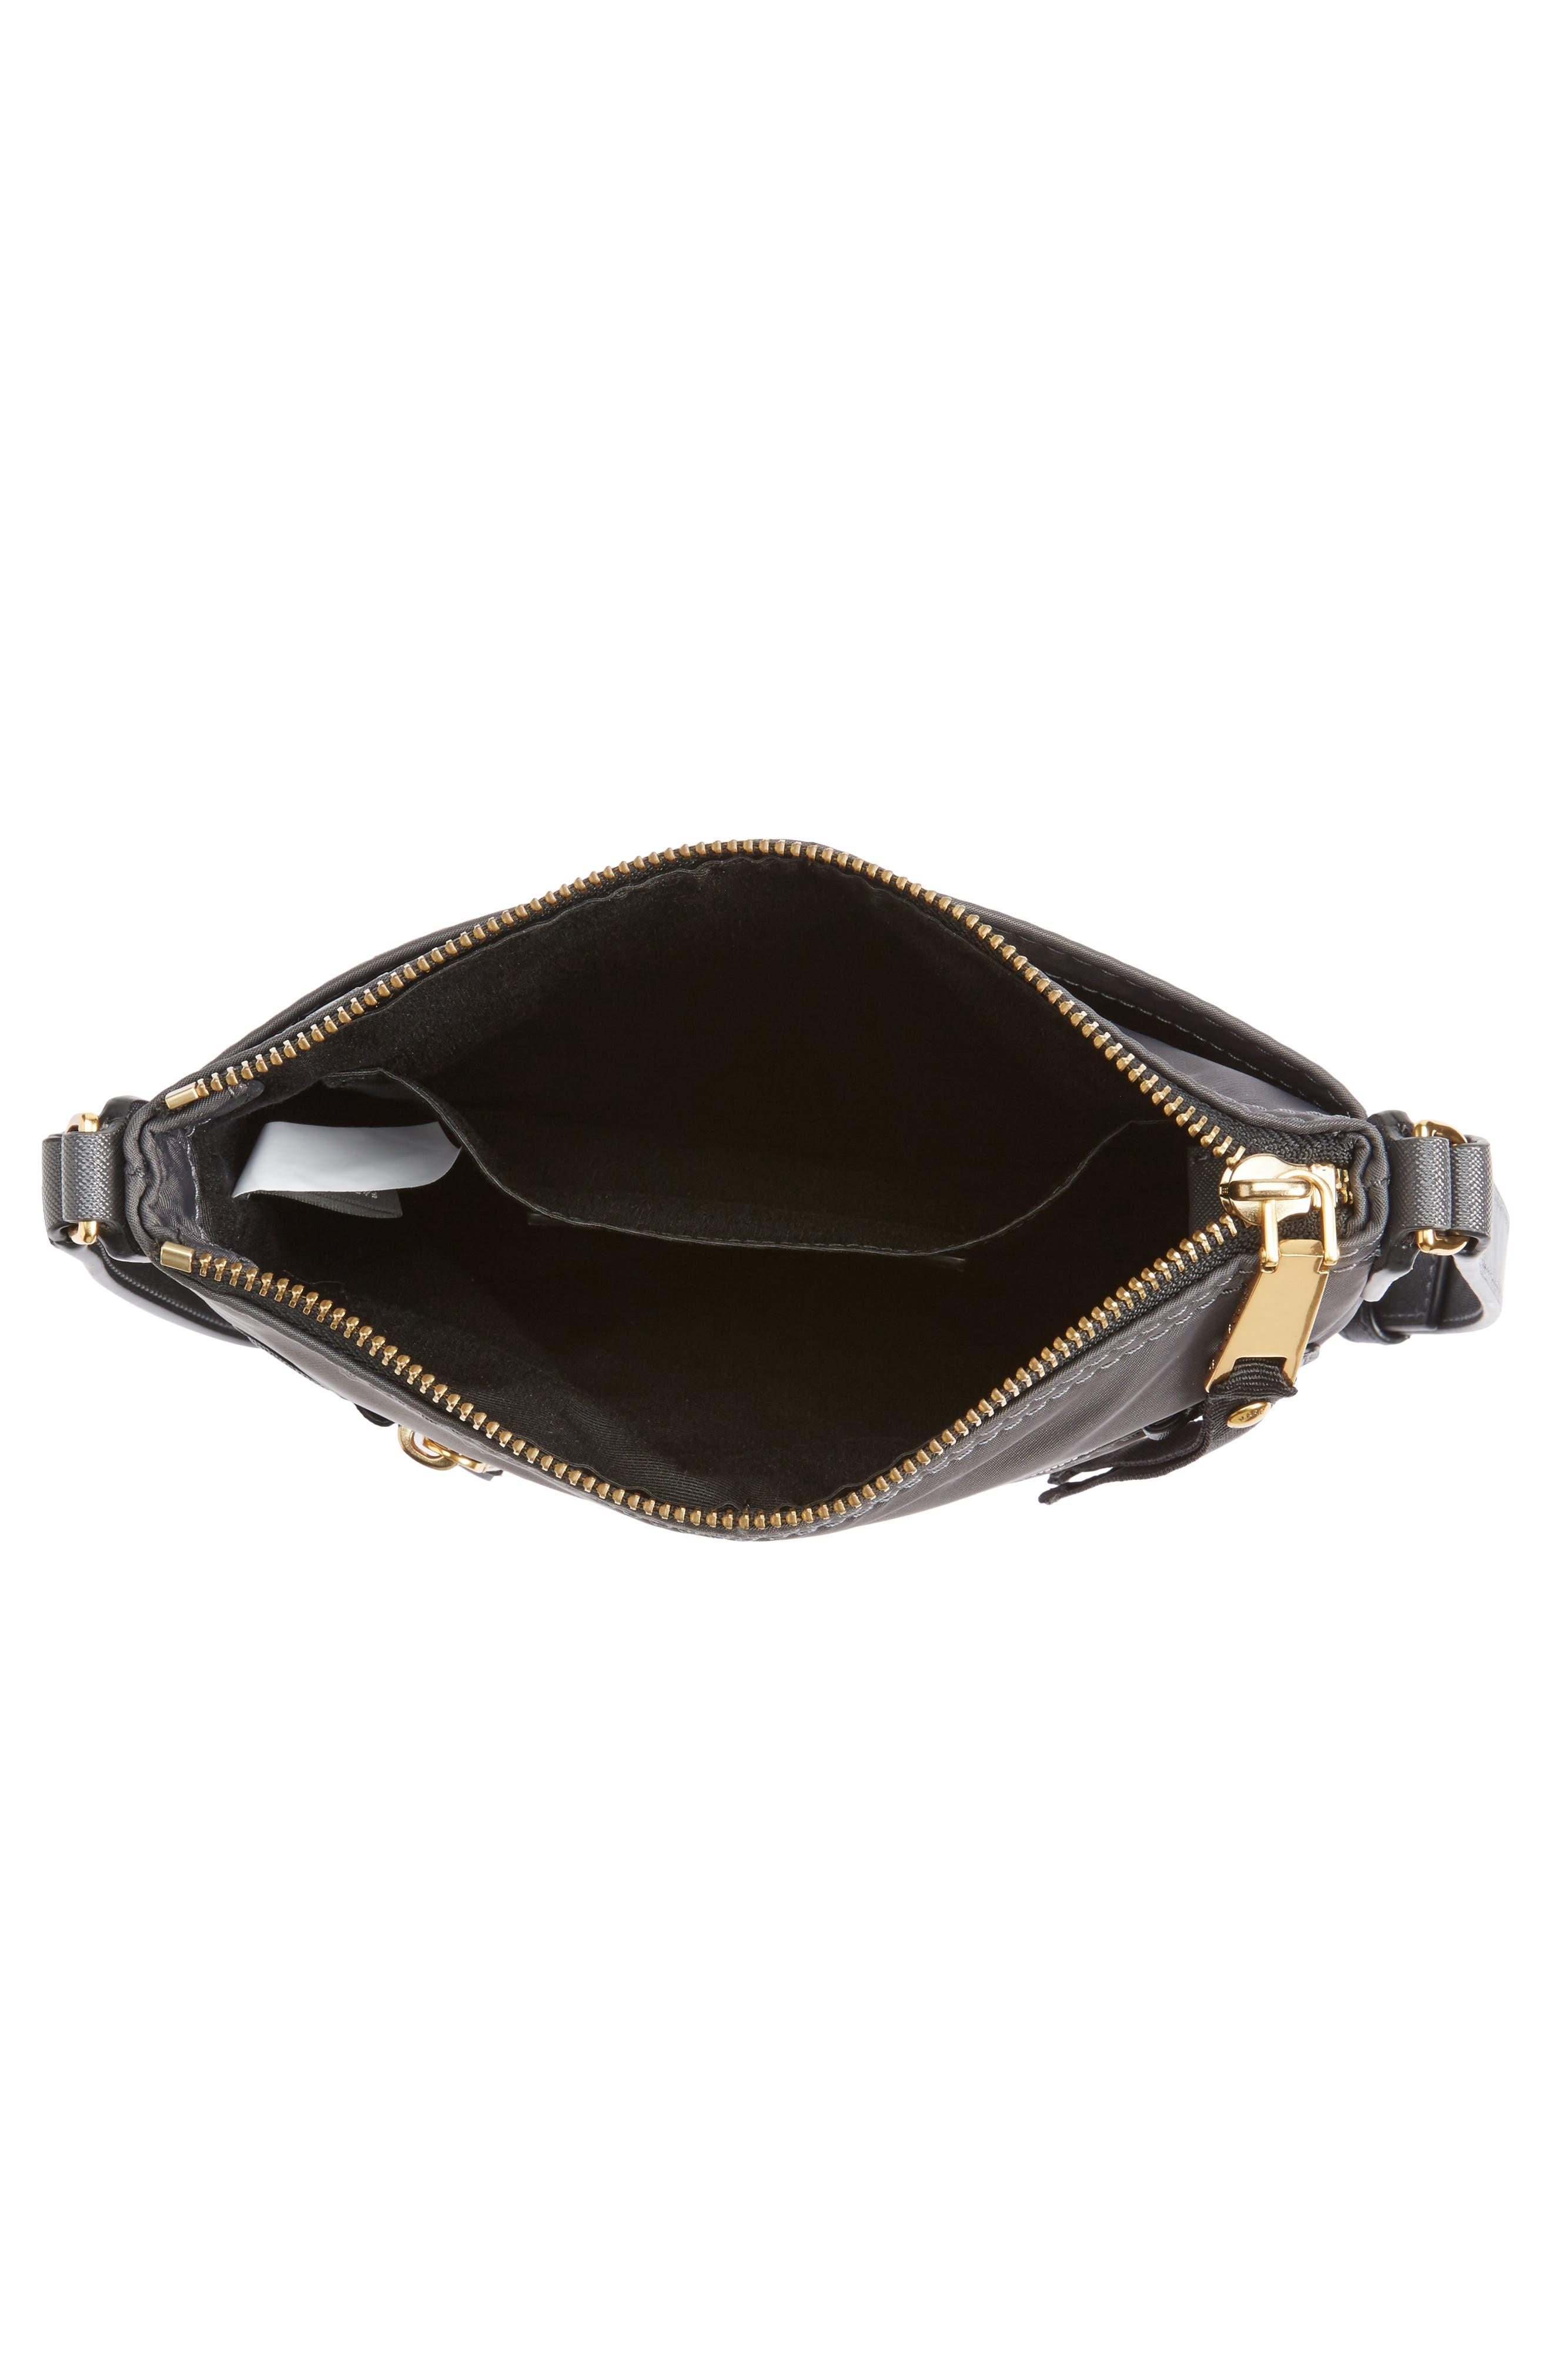 Trooper Nylon Crossbody Bag,                             Alternate thumbnail 4, color,                             022